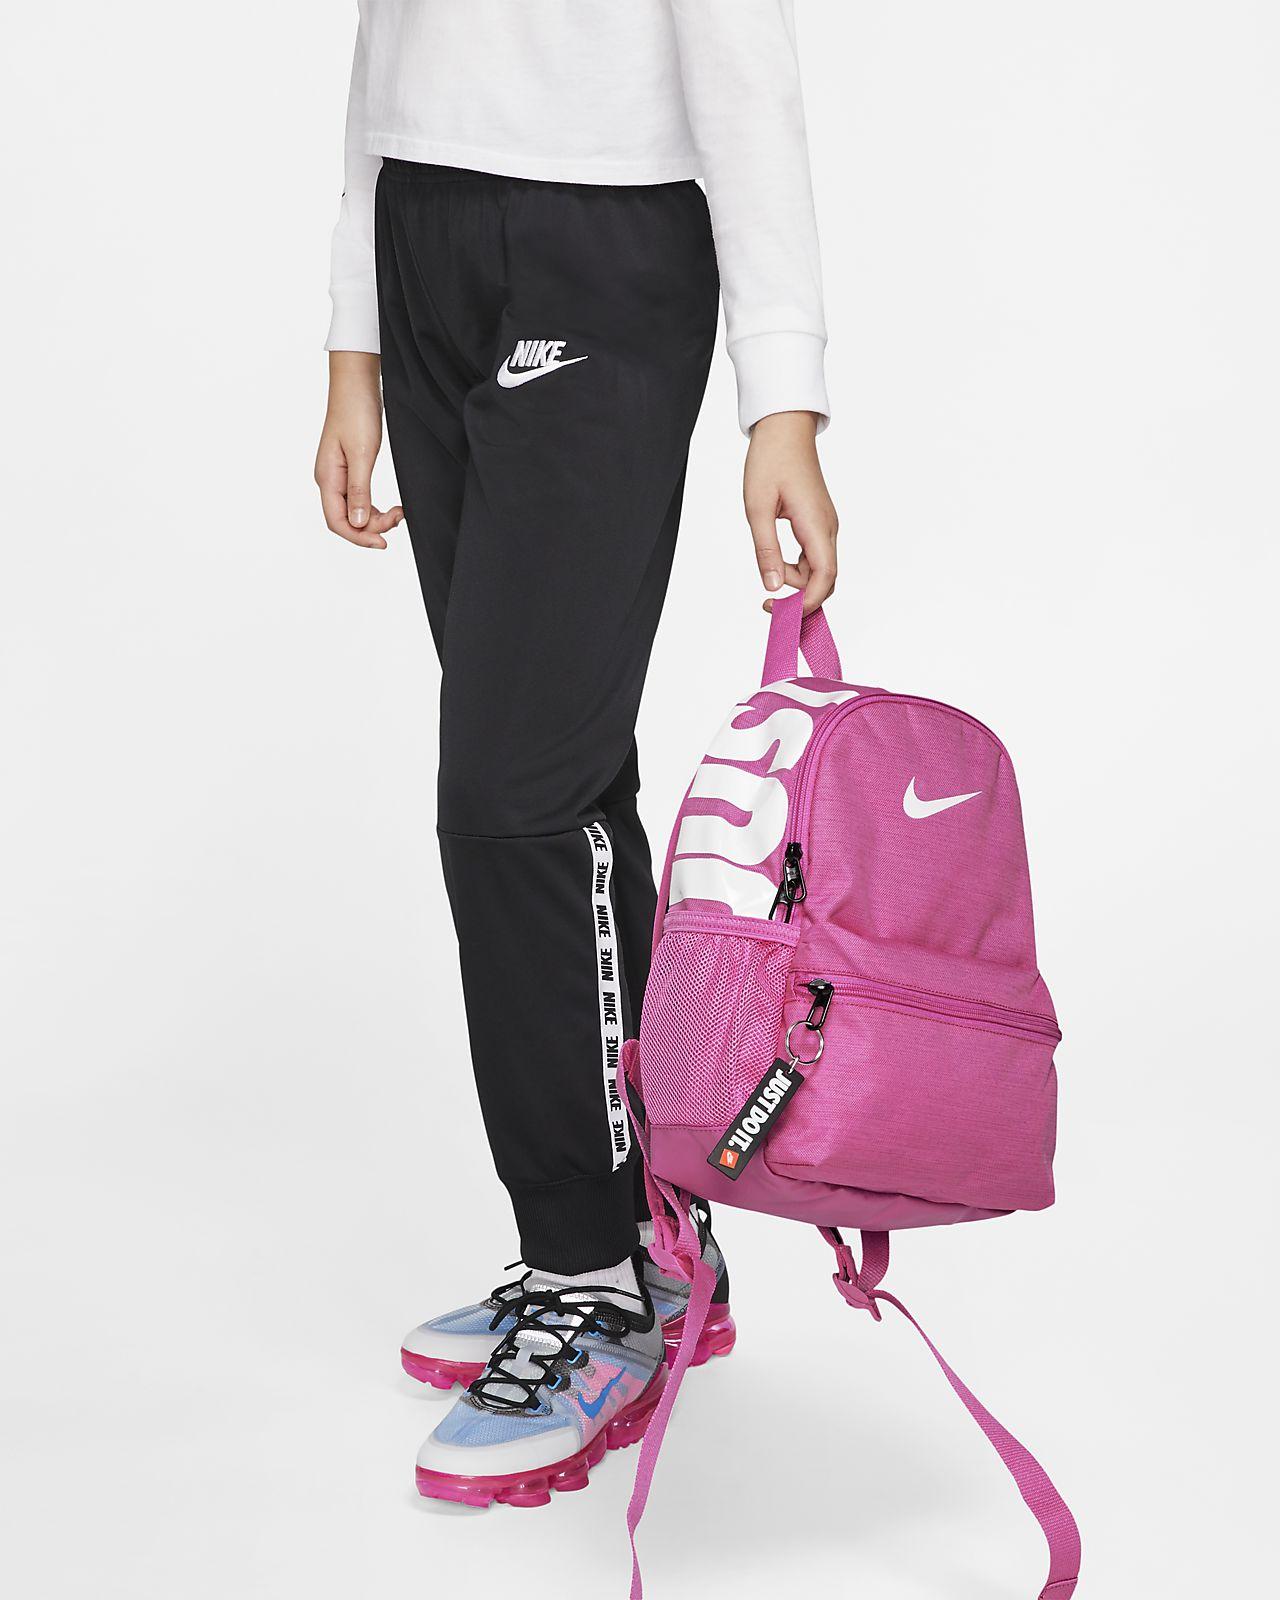 MochilaminiNiñoa Just It Do Nike Brasilia qMVzpSGU